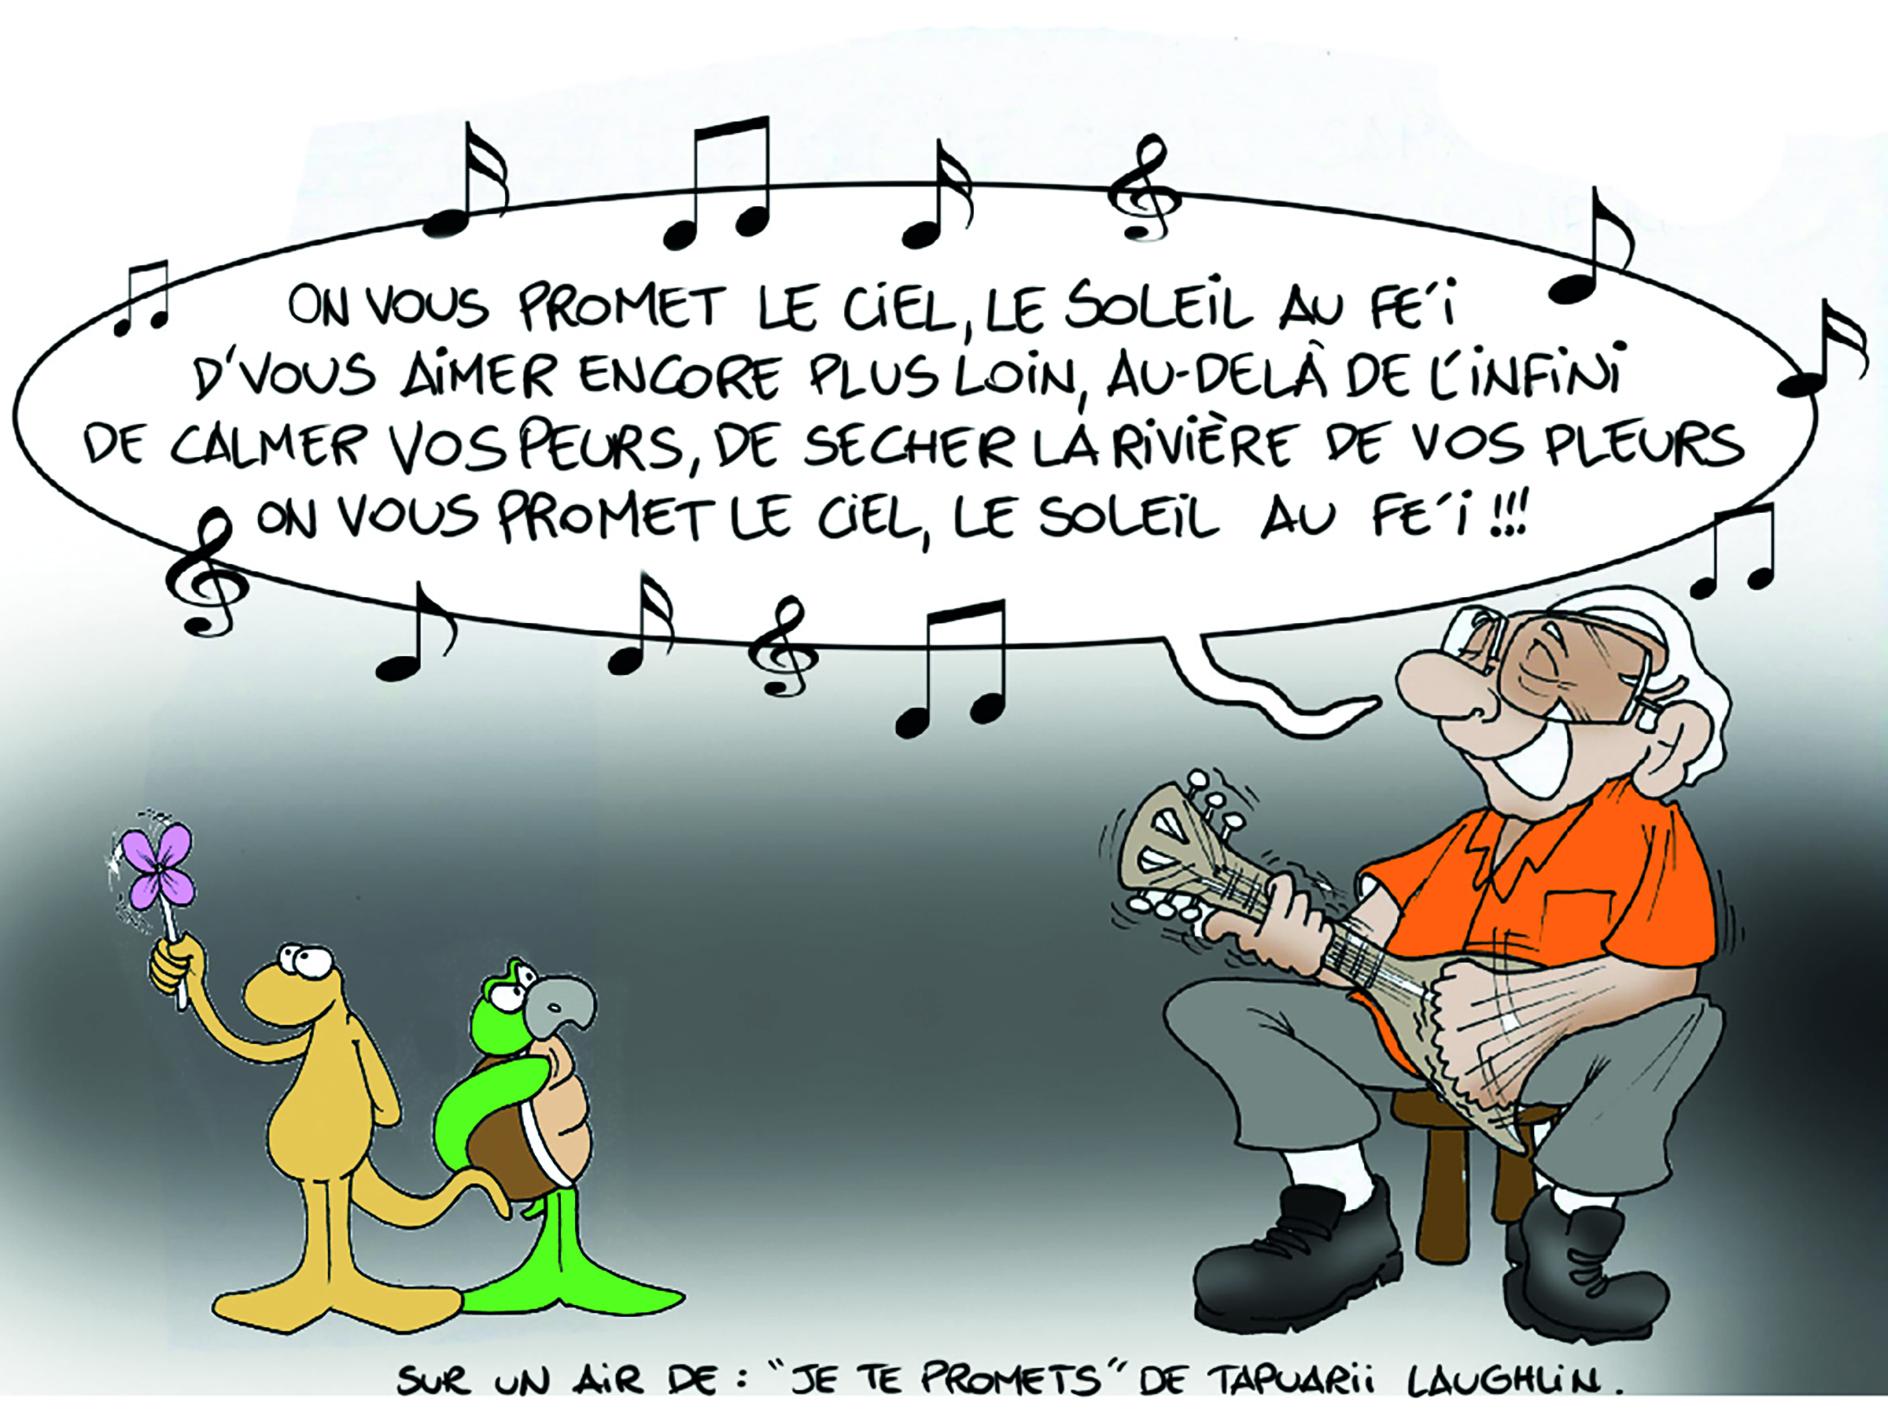 """"""" Les 12 promesses de Gaston Flosse """" vu par Munoz"""